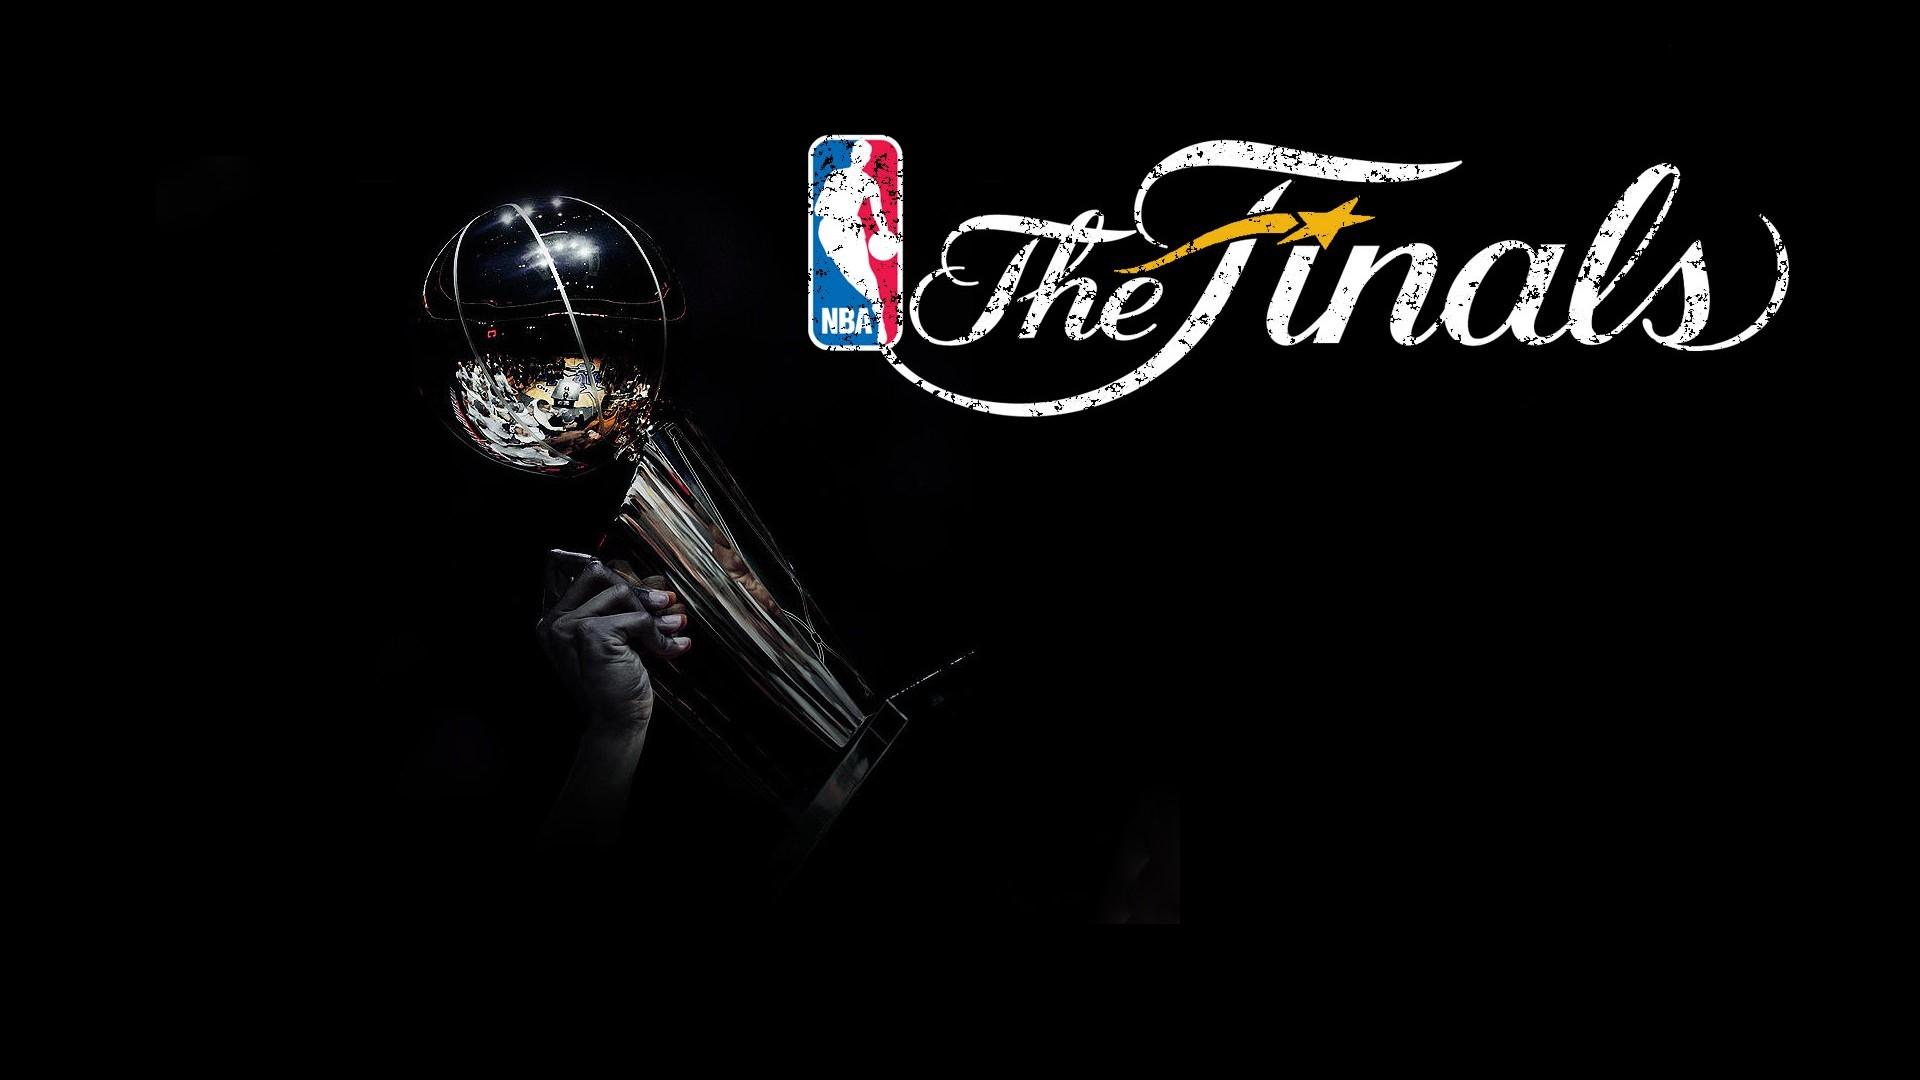 Res: 1920x1080, Larry-OBrien-NBA-Championship-Trophy-The-Finals-Wallpaper-.jpg